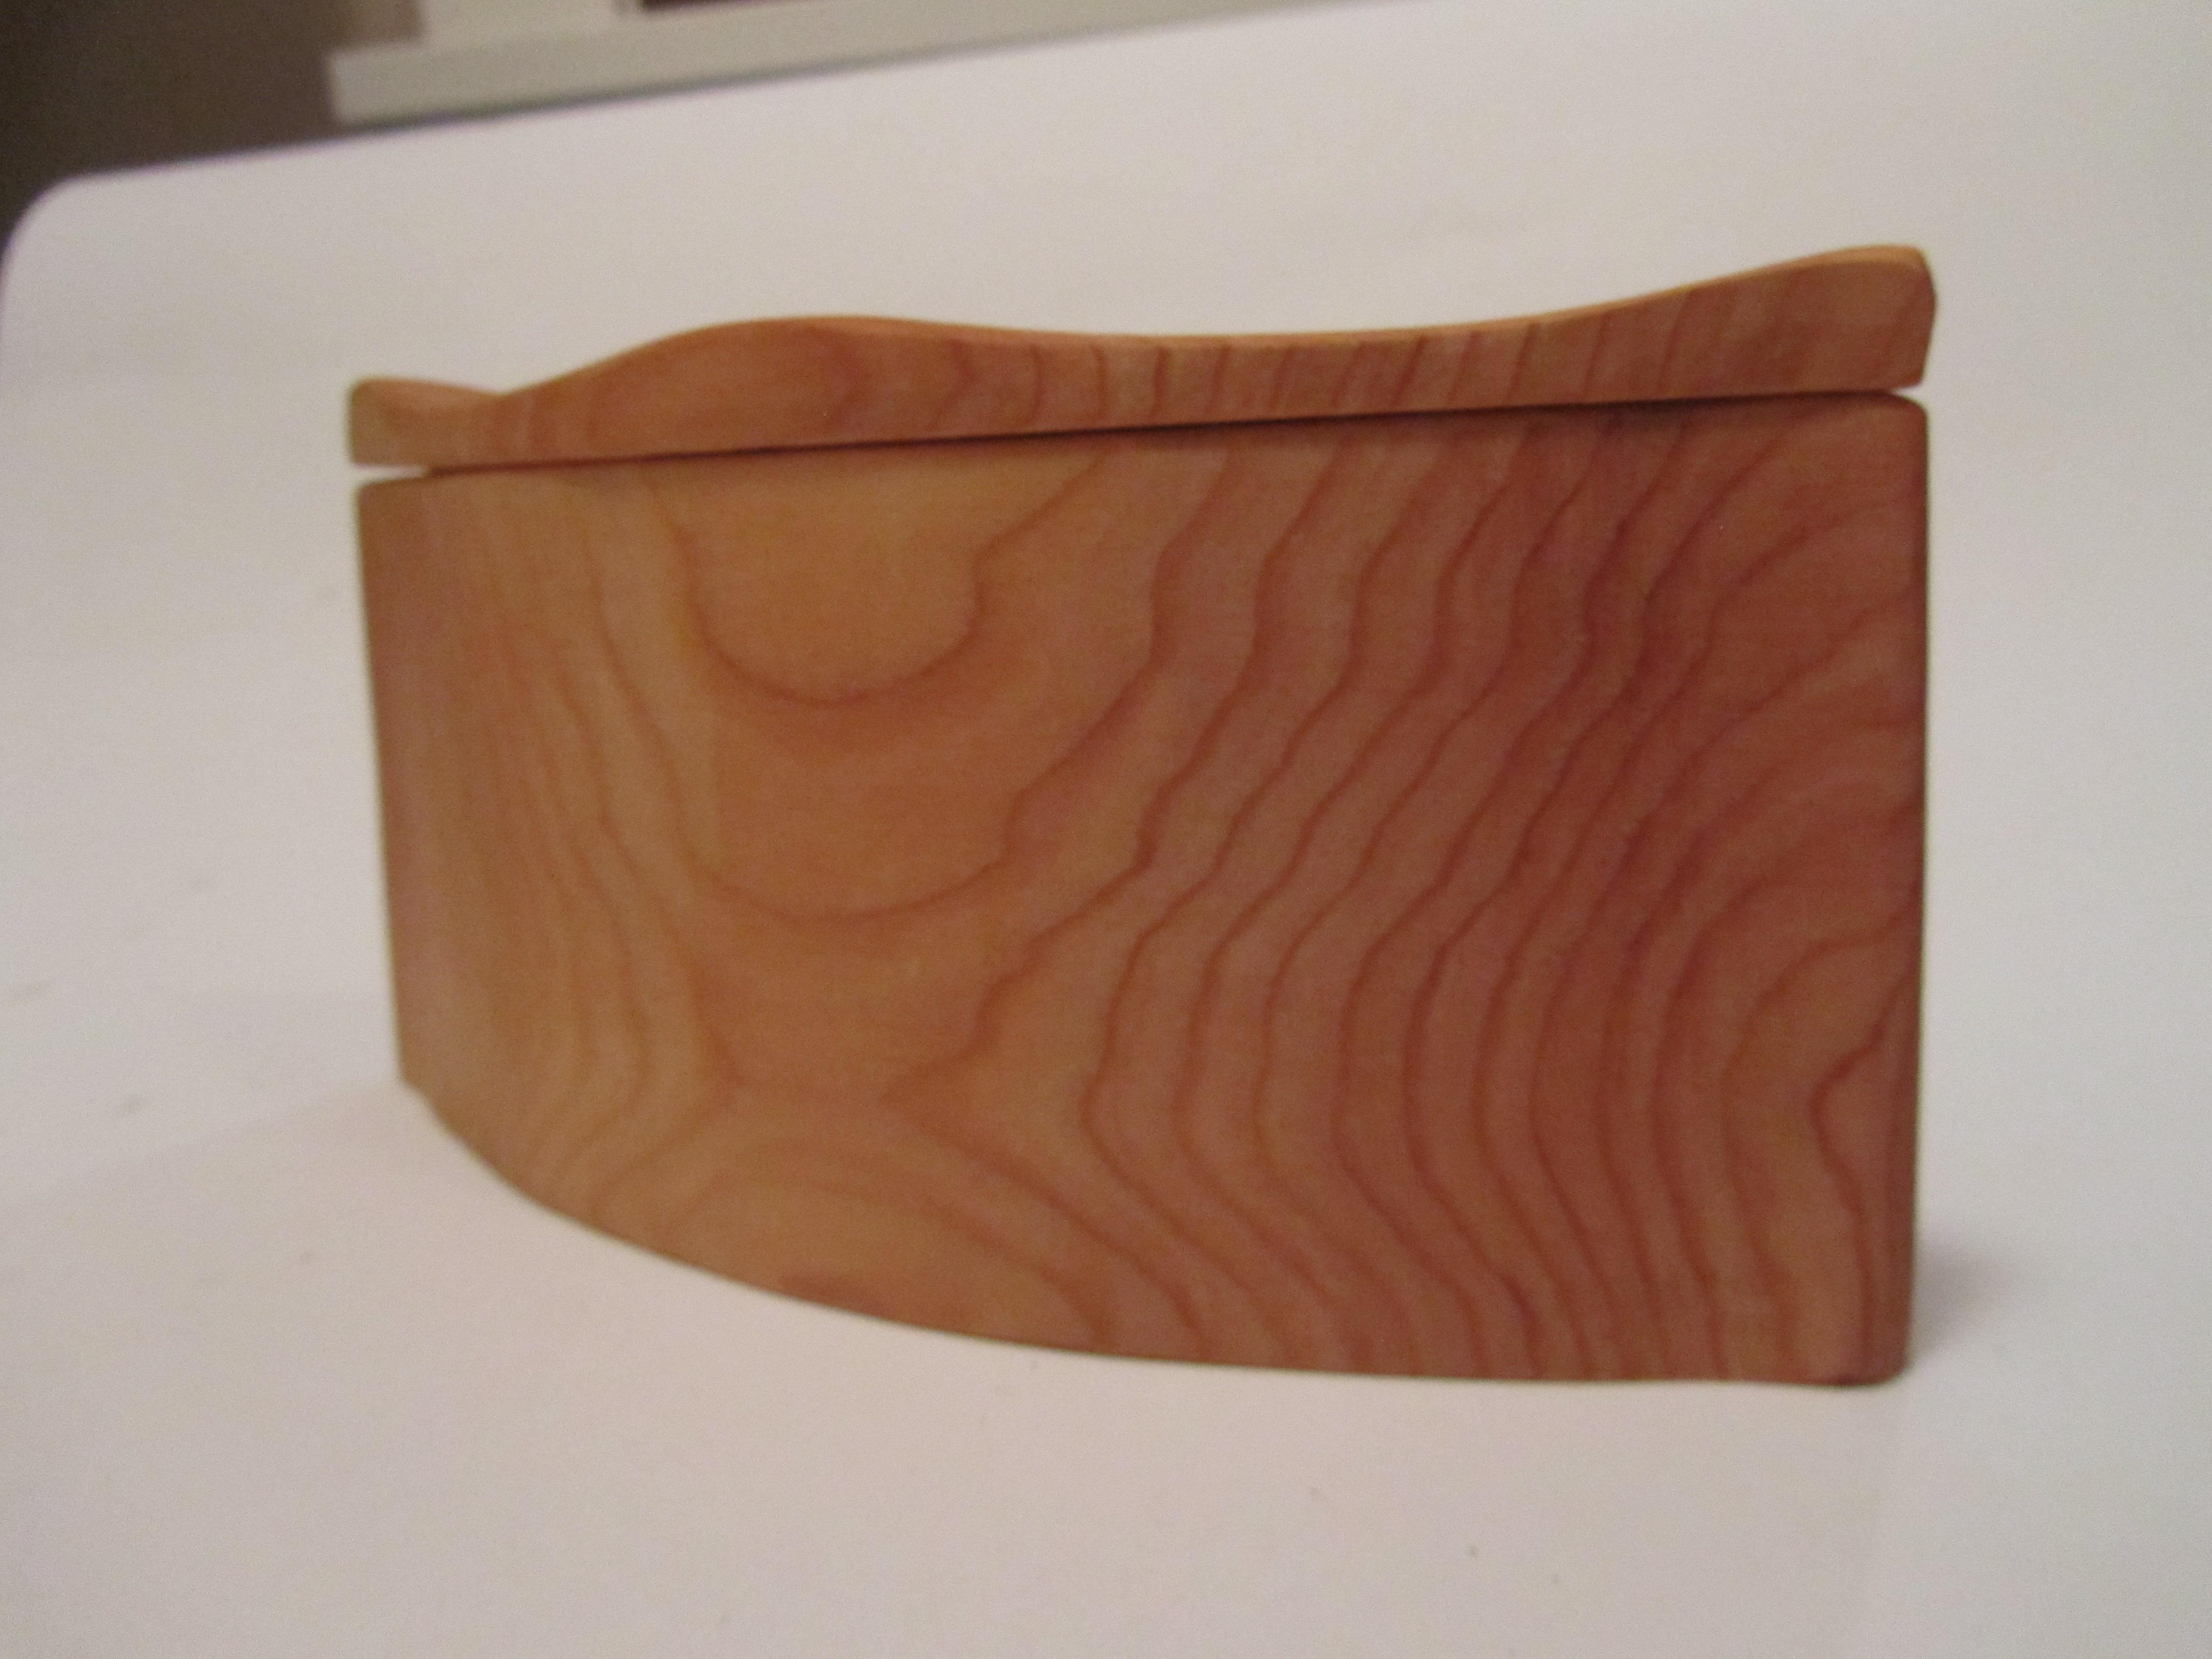 Bandsaw cut